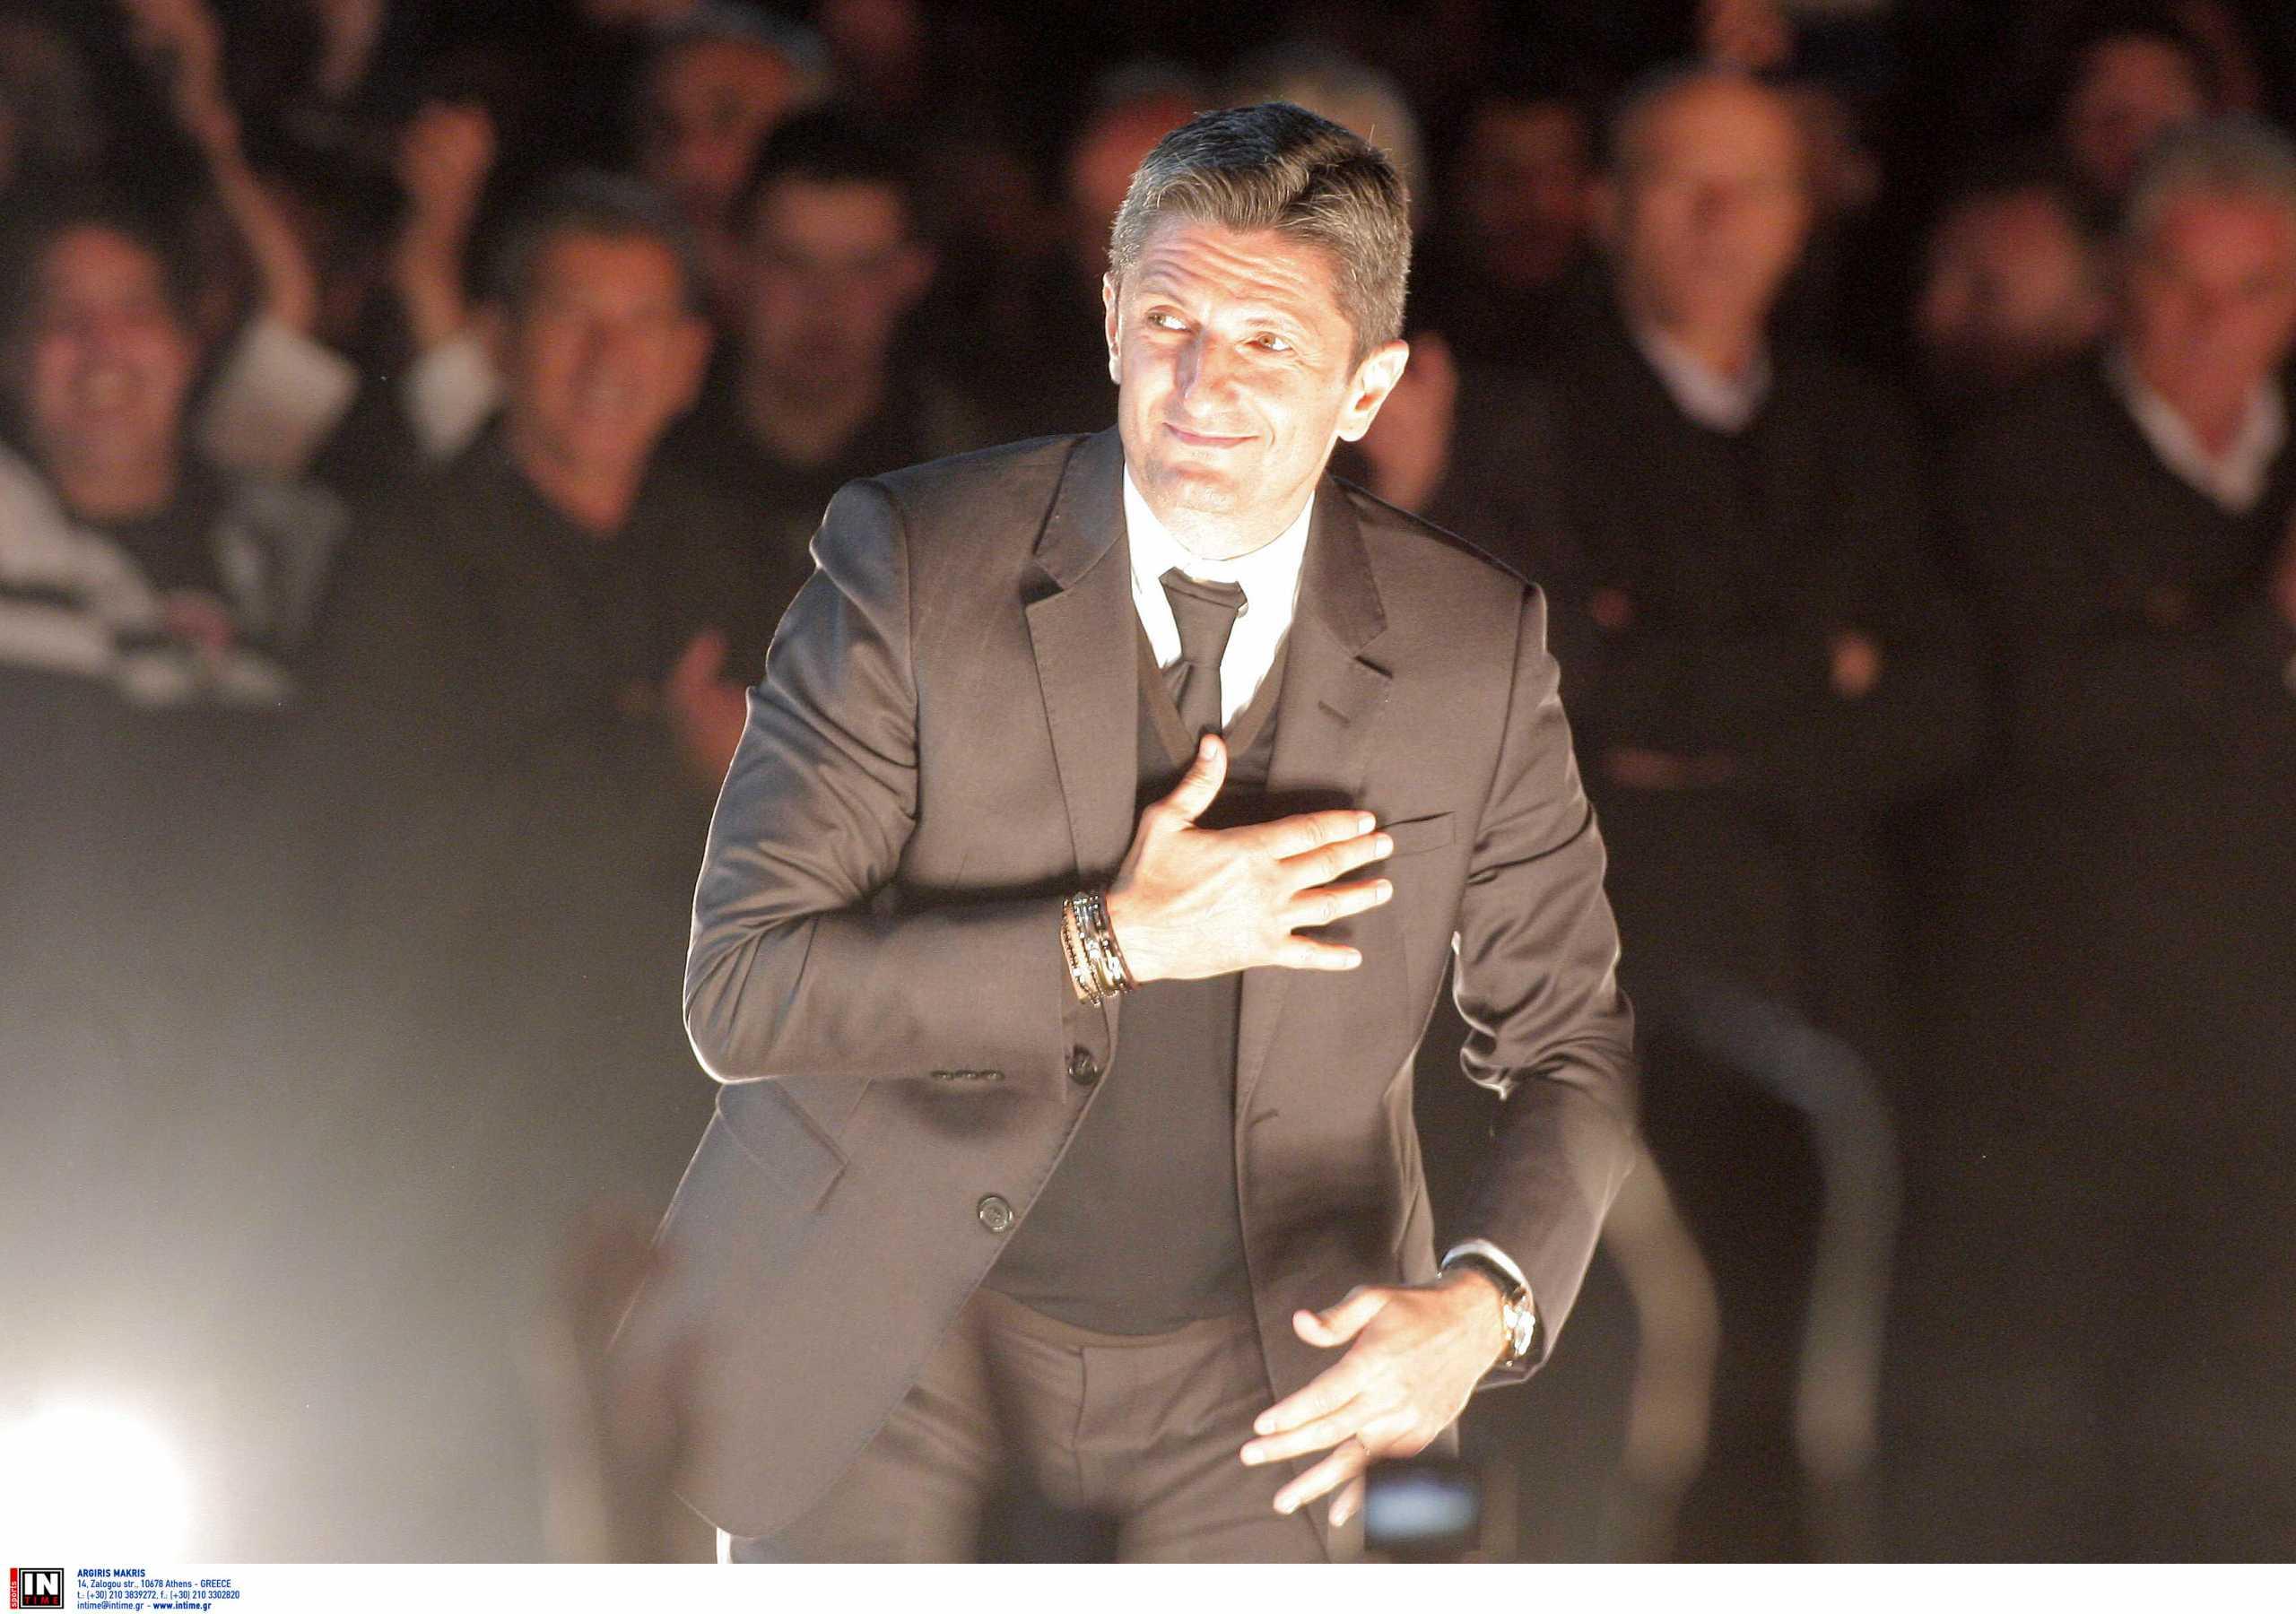 ΠΑΟΚ: Ανακοινώθηκε η επιστροφή Λουτσέσκου – «Χρυσάφι» στον Ρουμάνο από την ΠΑΕ